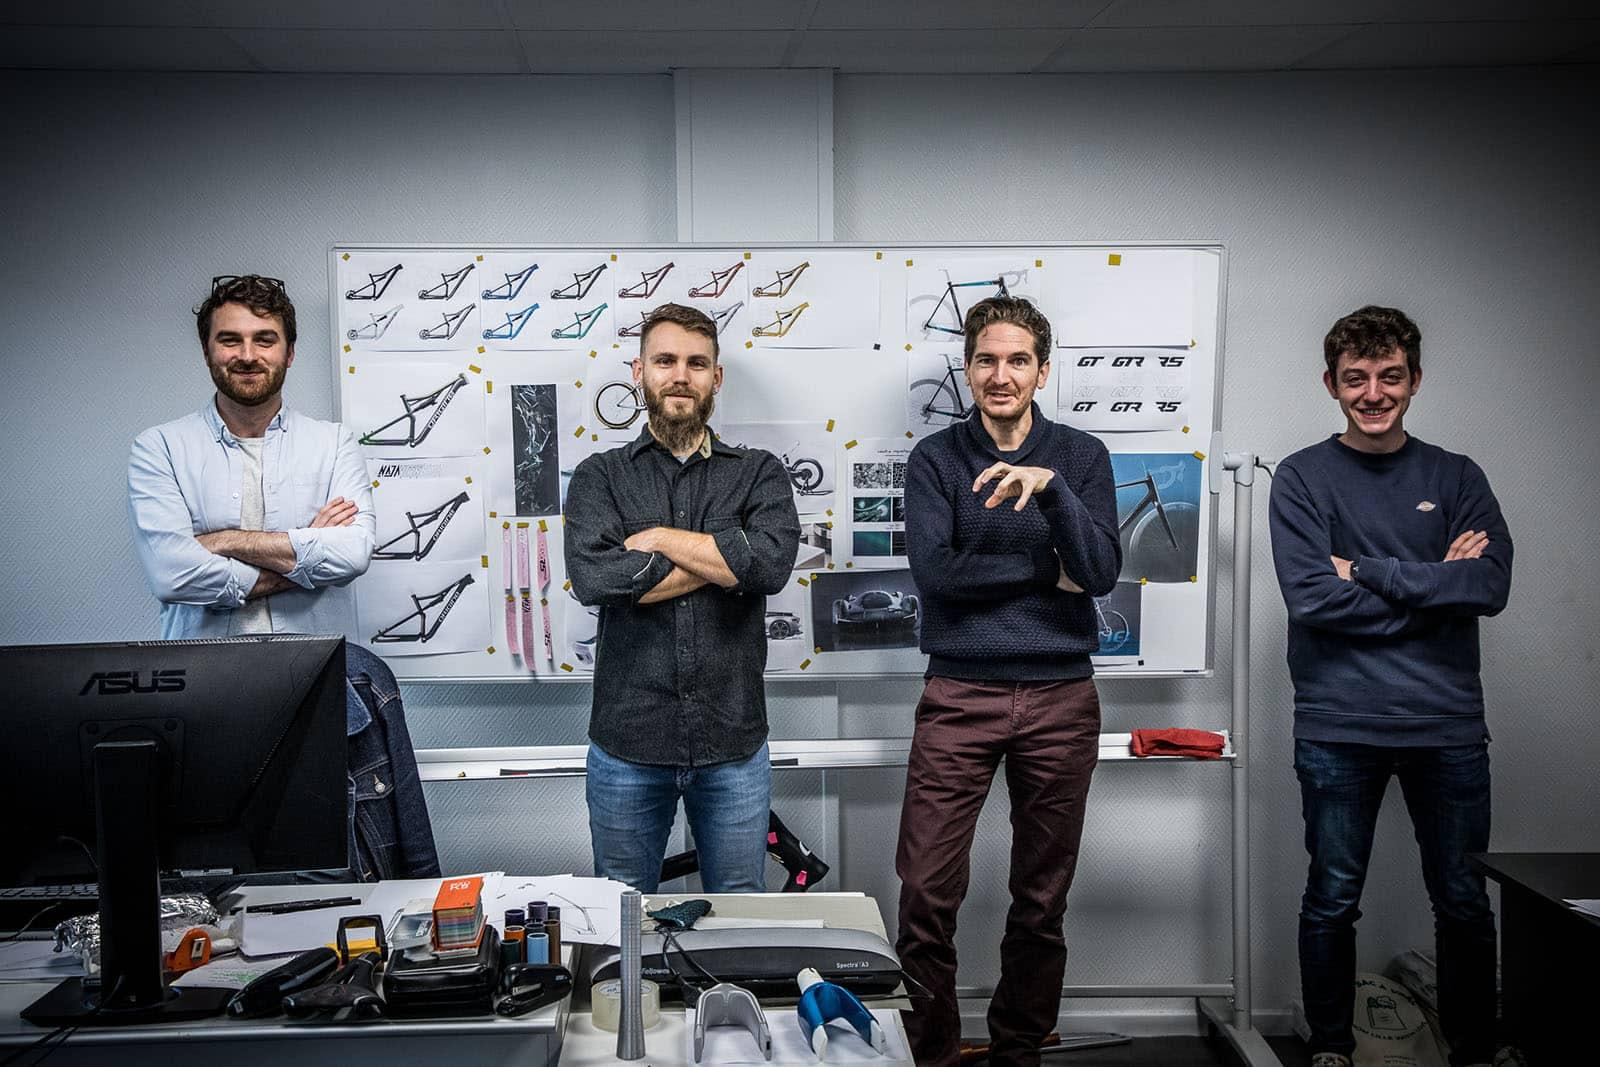 L'équipe de design, tous les dessins et les graphismes de la marque sortent de ce bureau.